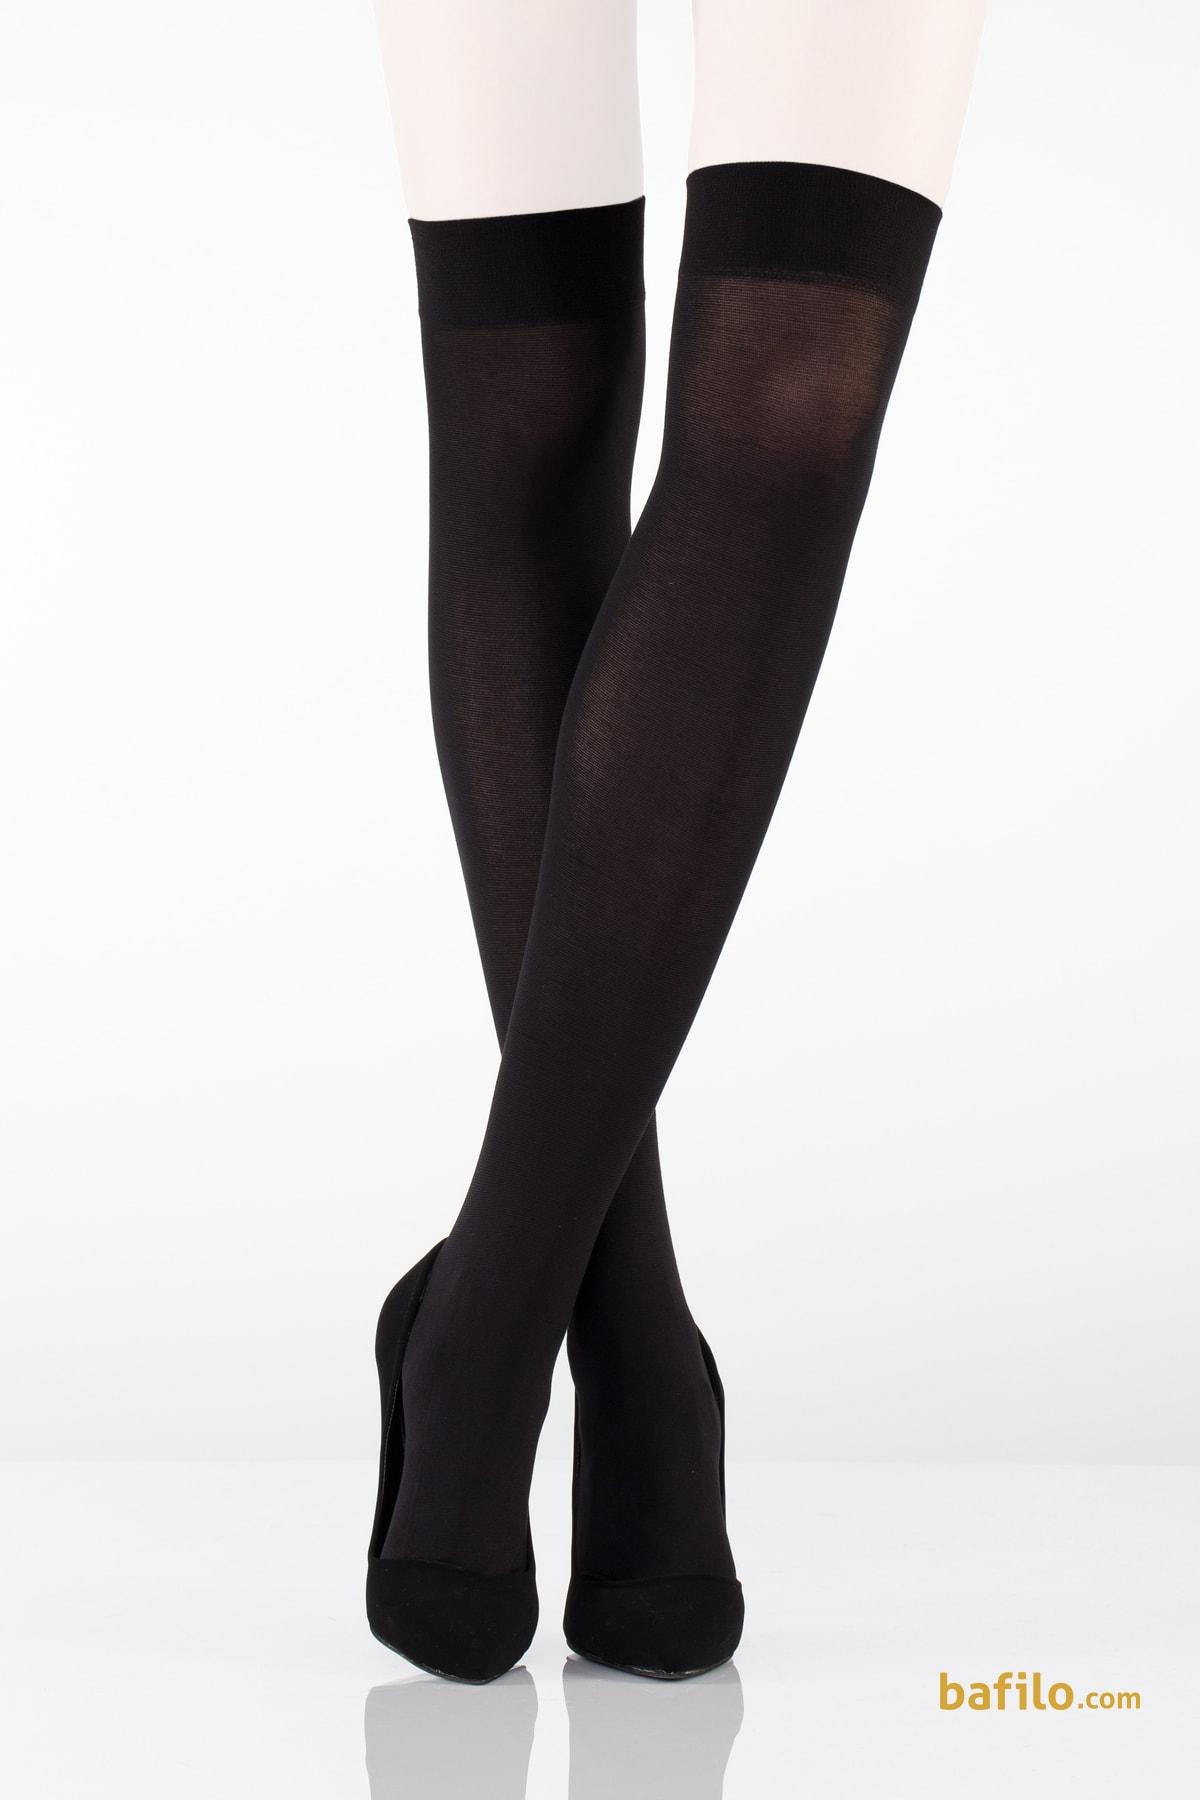 ایتالیانا | ITALIANA - جوراب بالای زانو نخی زنانه ایتالیانا Cotton - مشکی